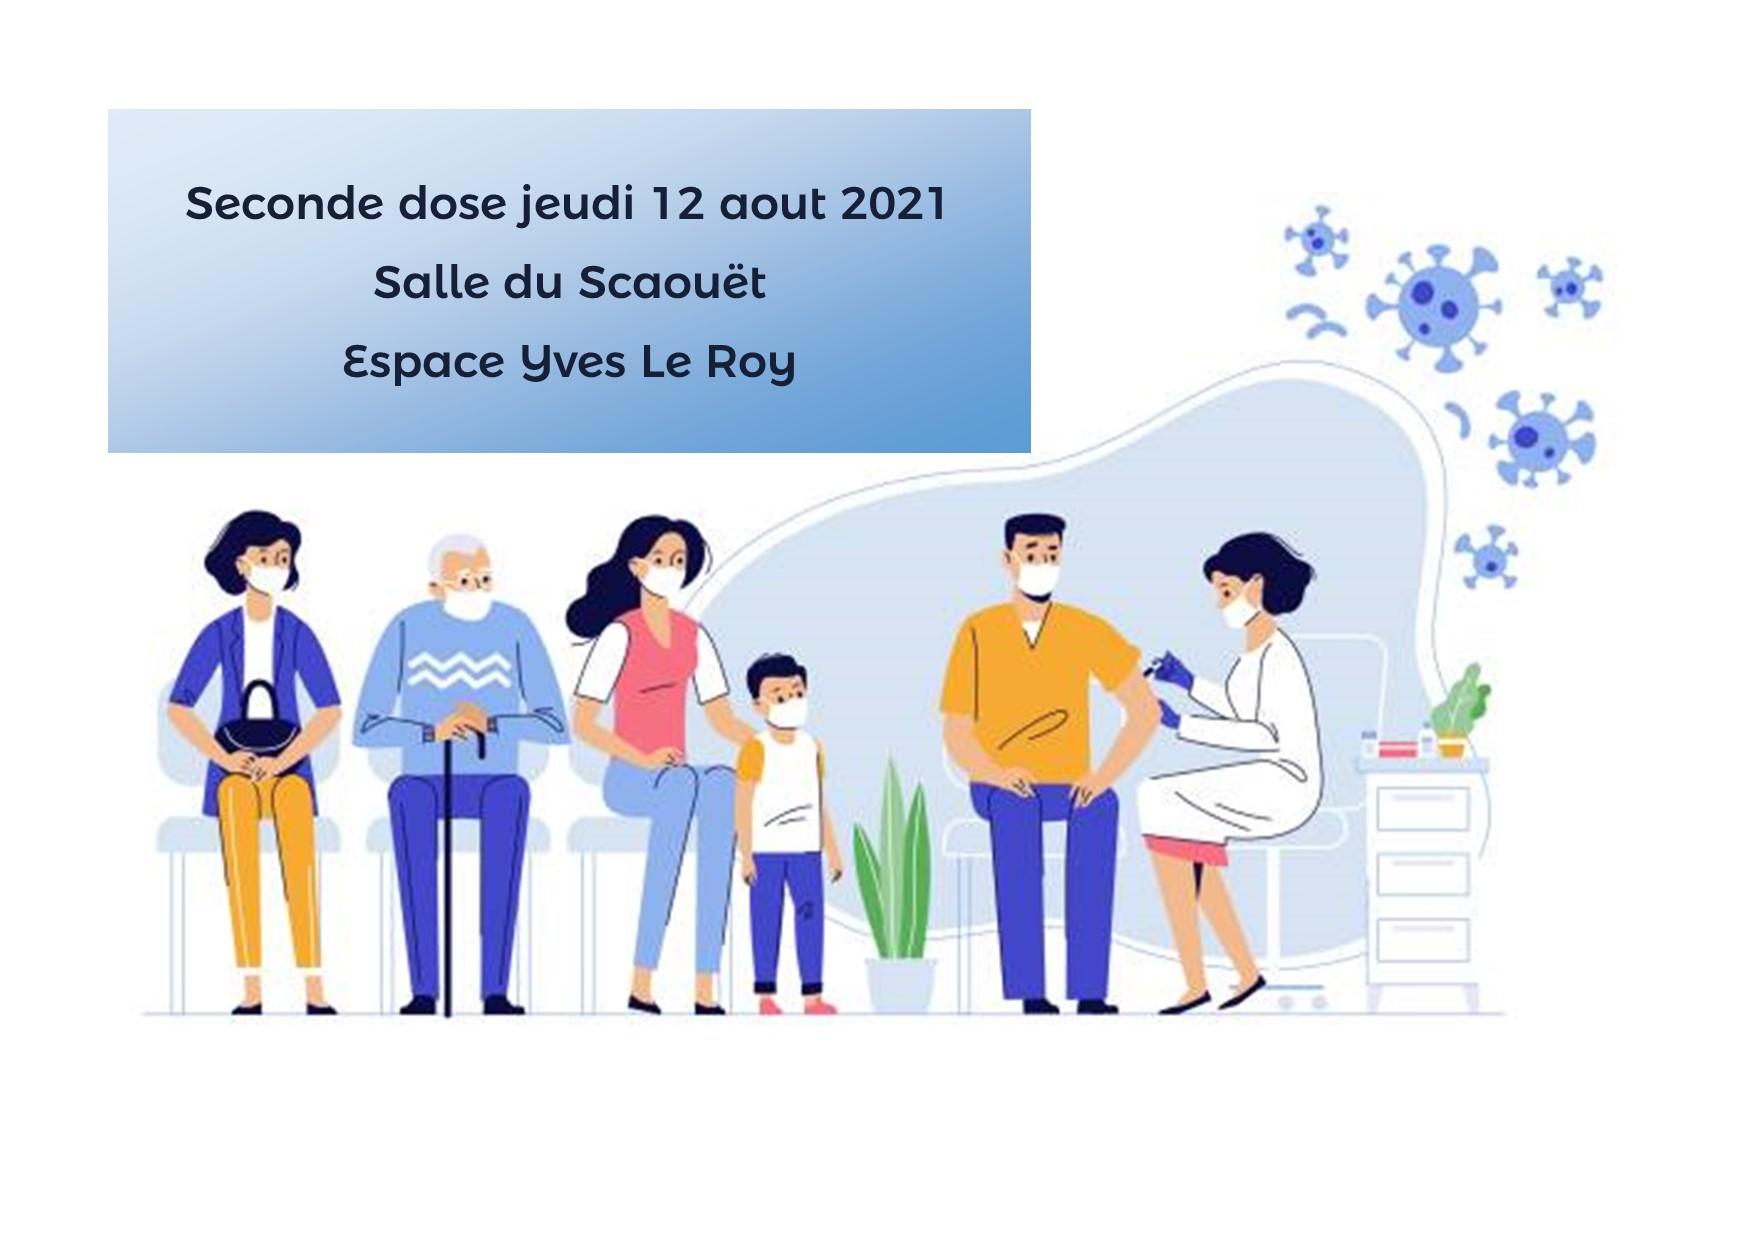 Vaccinodrome éphémère – Seconde dose le 12 aout 2021